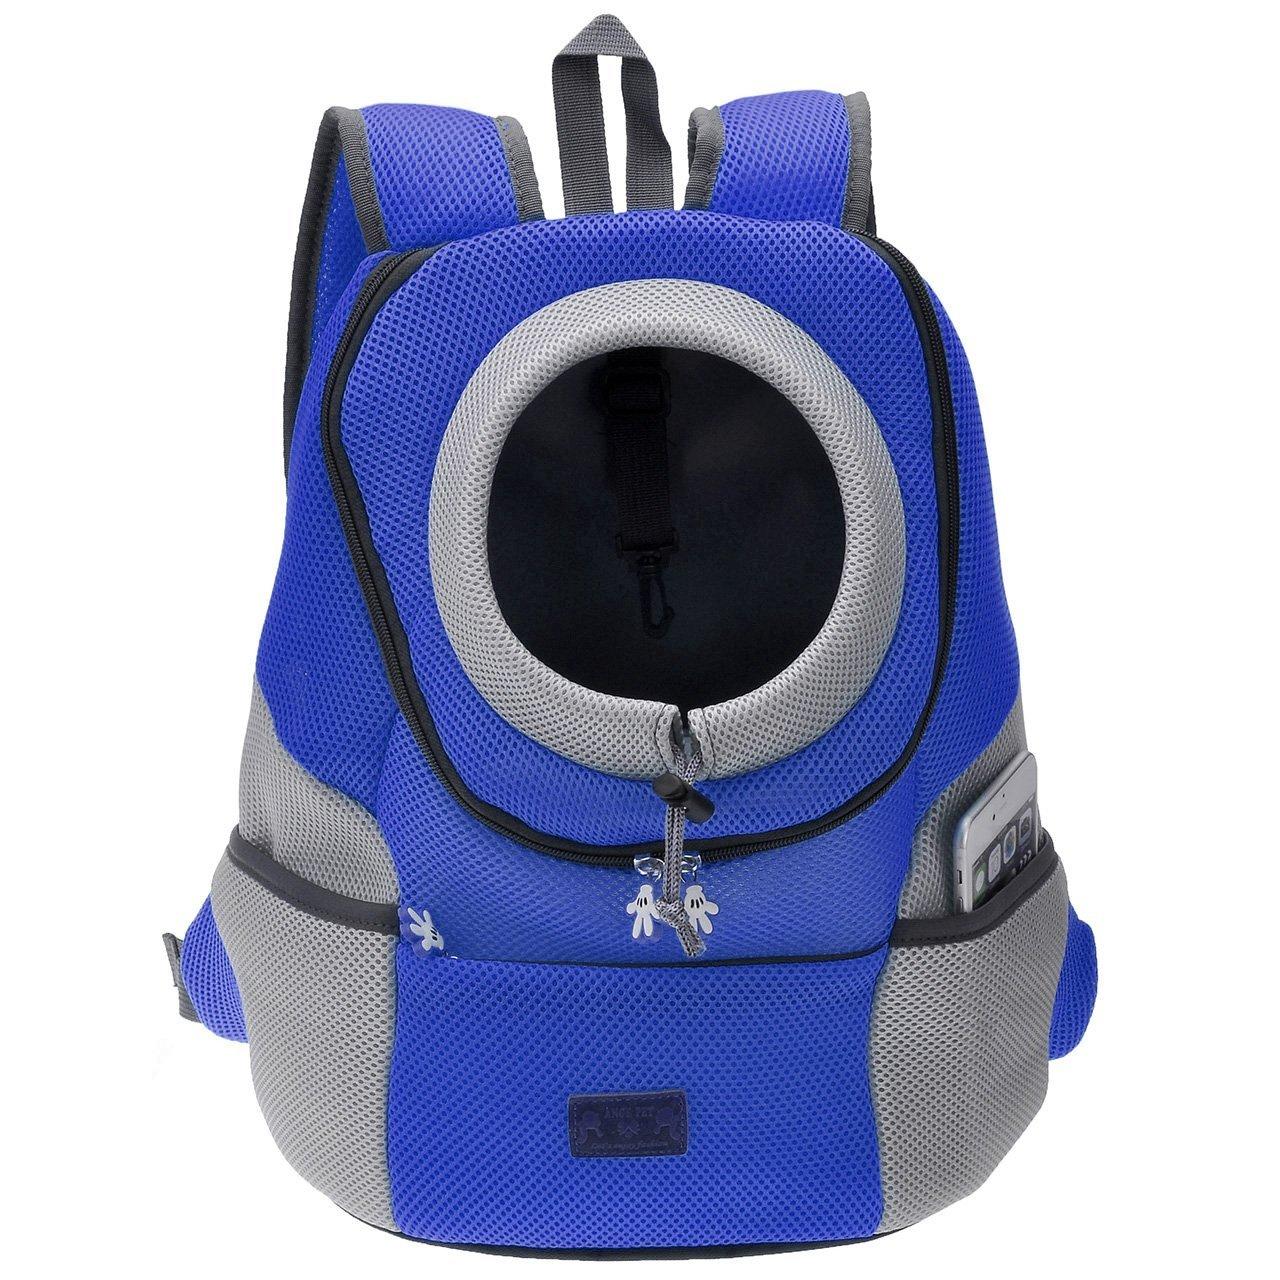 ayliss Pet transporteur avant de chien chat sac de voyage sac à dos Convient pour les animaux jusqu'à 10kg AAUK15706